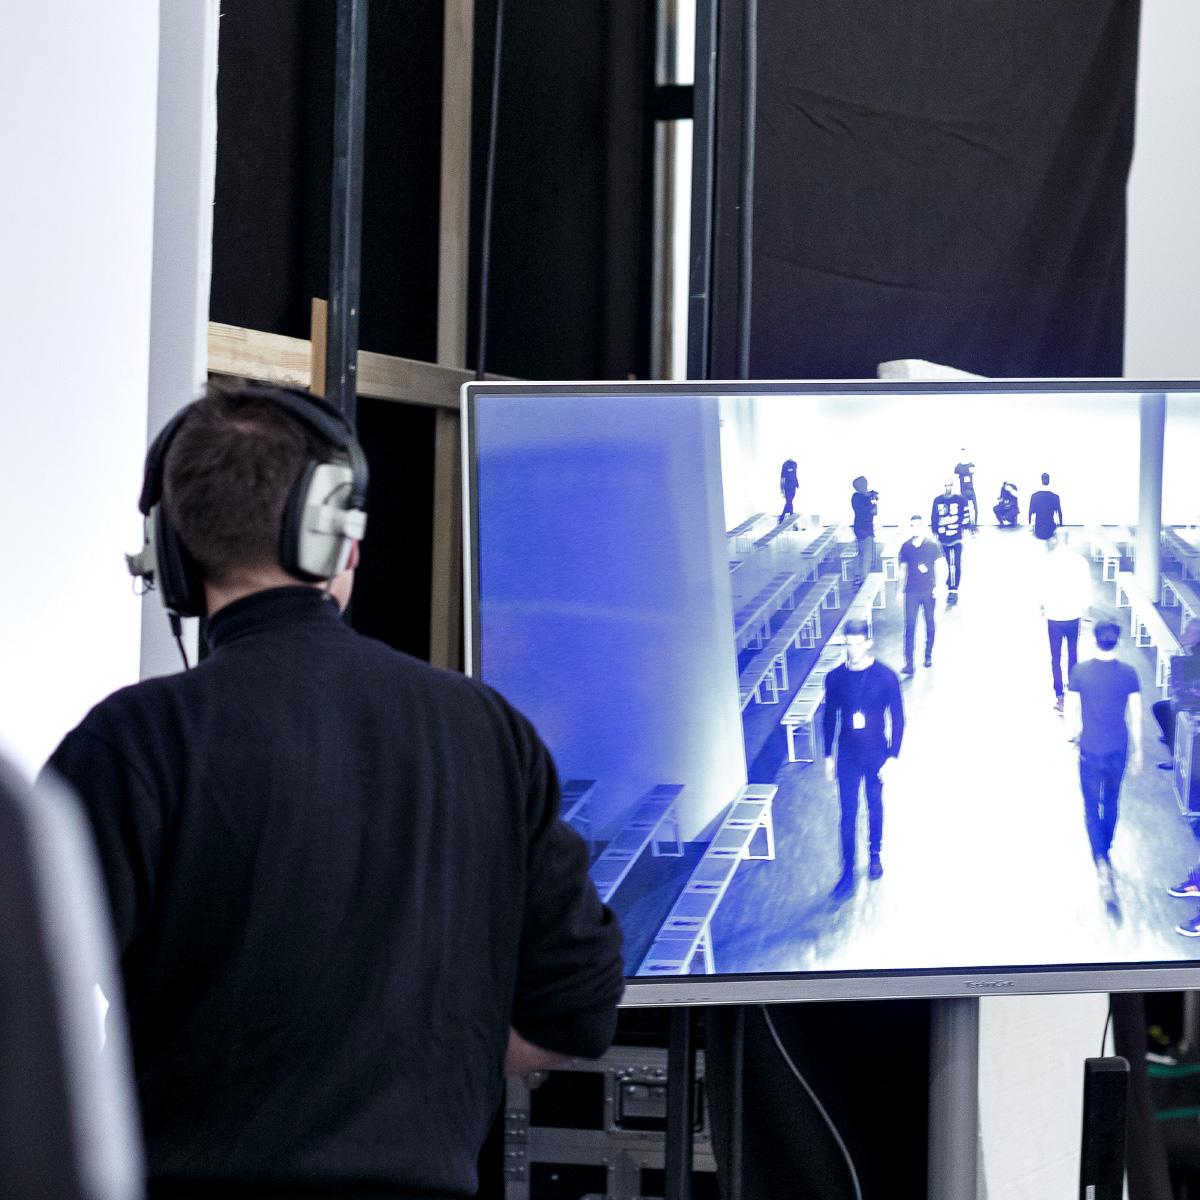 brachmann_backstage_aw1617_026